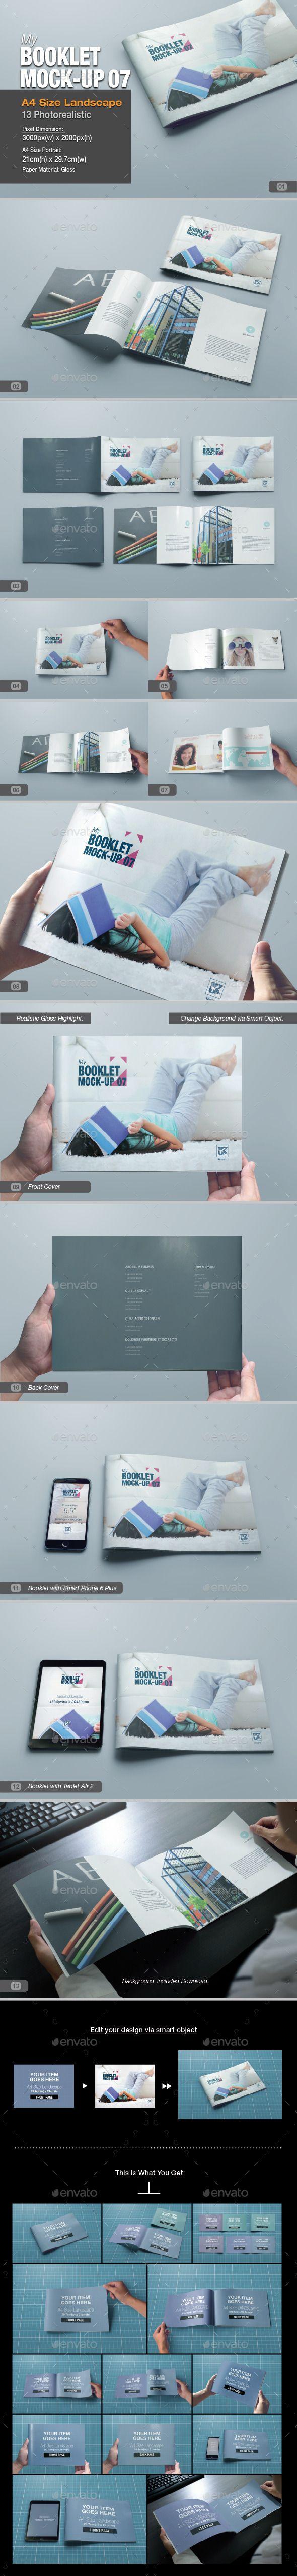 myBooklet Mock-up 07 | Diseño editorial y Editorial